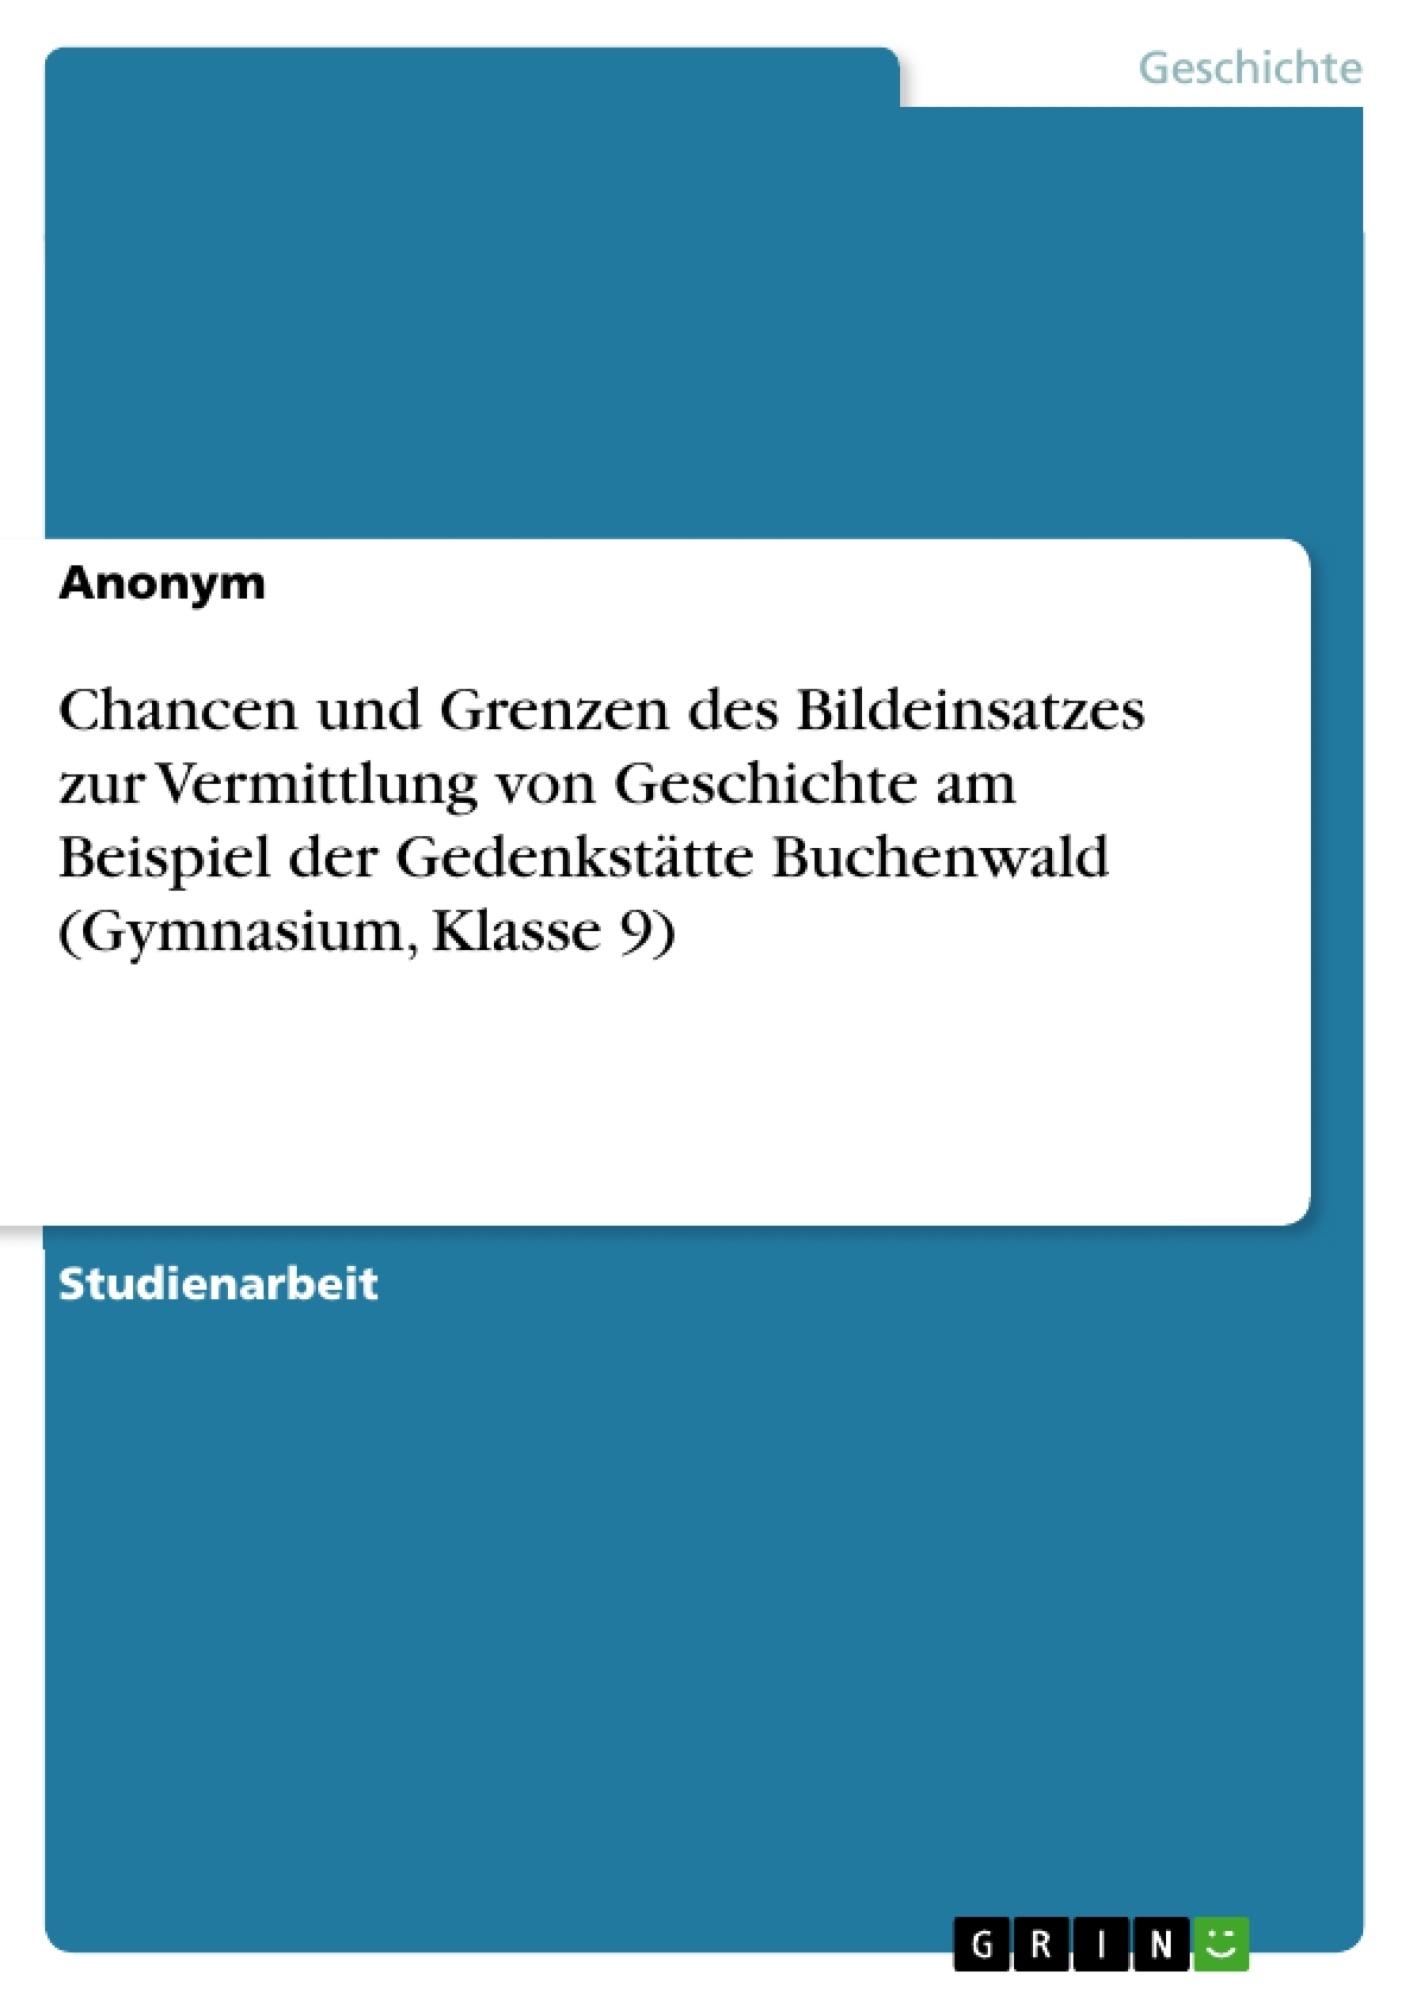 Titel: Chancen und Grenzen des Bildeinsatzes zur Vermittlung von Geschichte am Beispiel der Gedenkstätte Buchenwald (Gymnasium, Klasse 9)